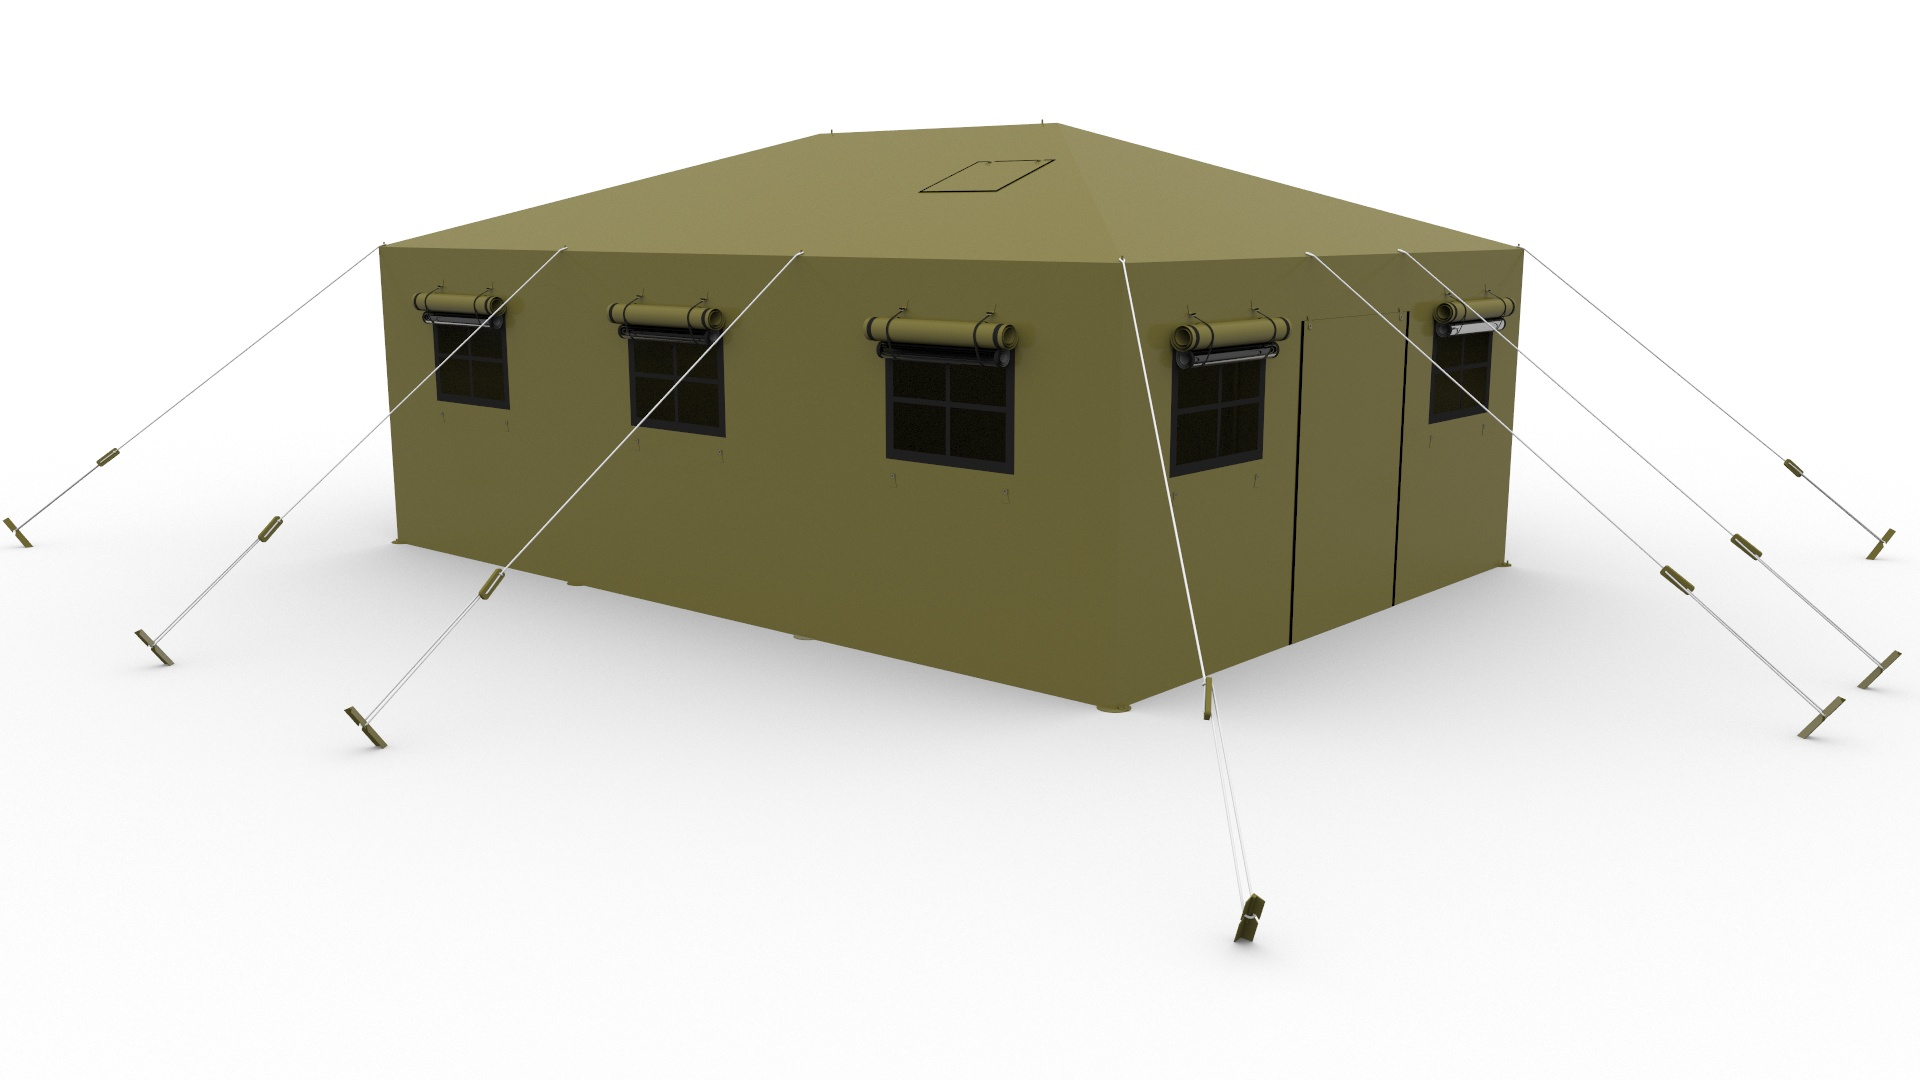 ПОСМ военная палатка военная атрибутика текстиль рекламное агенство ADV ADV Production производство алматы металла и текстиля